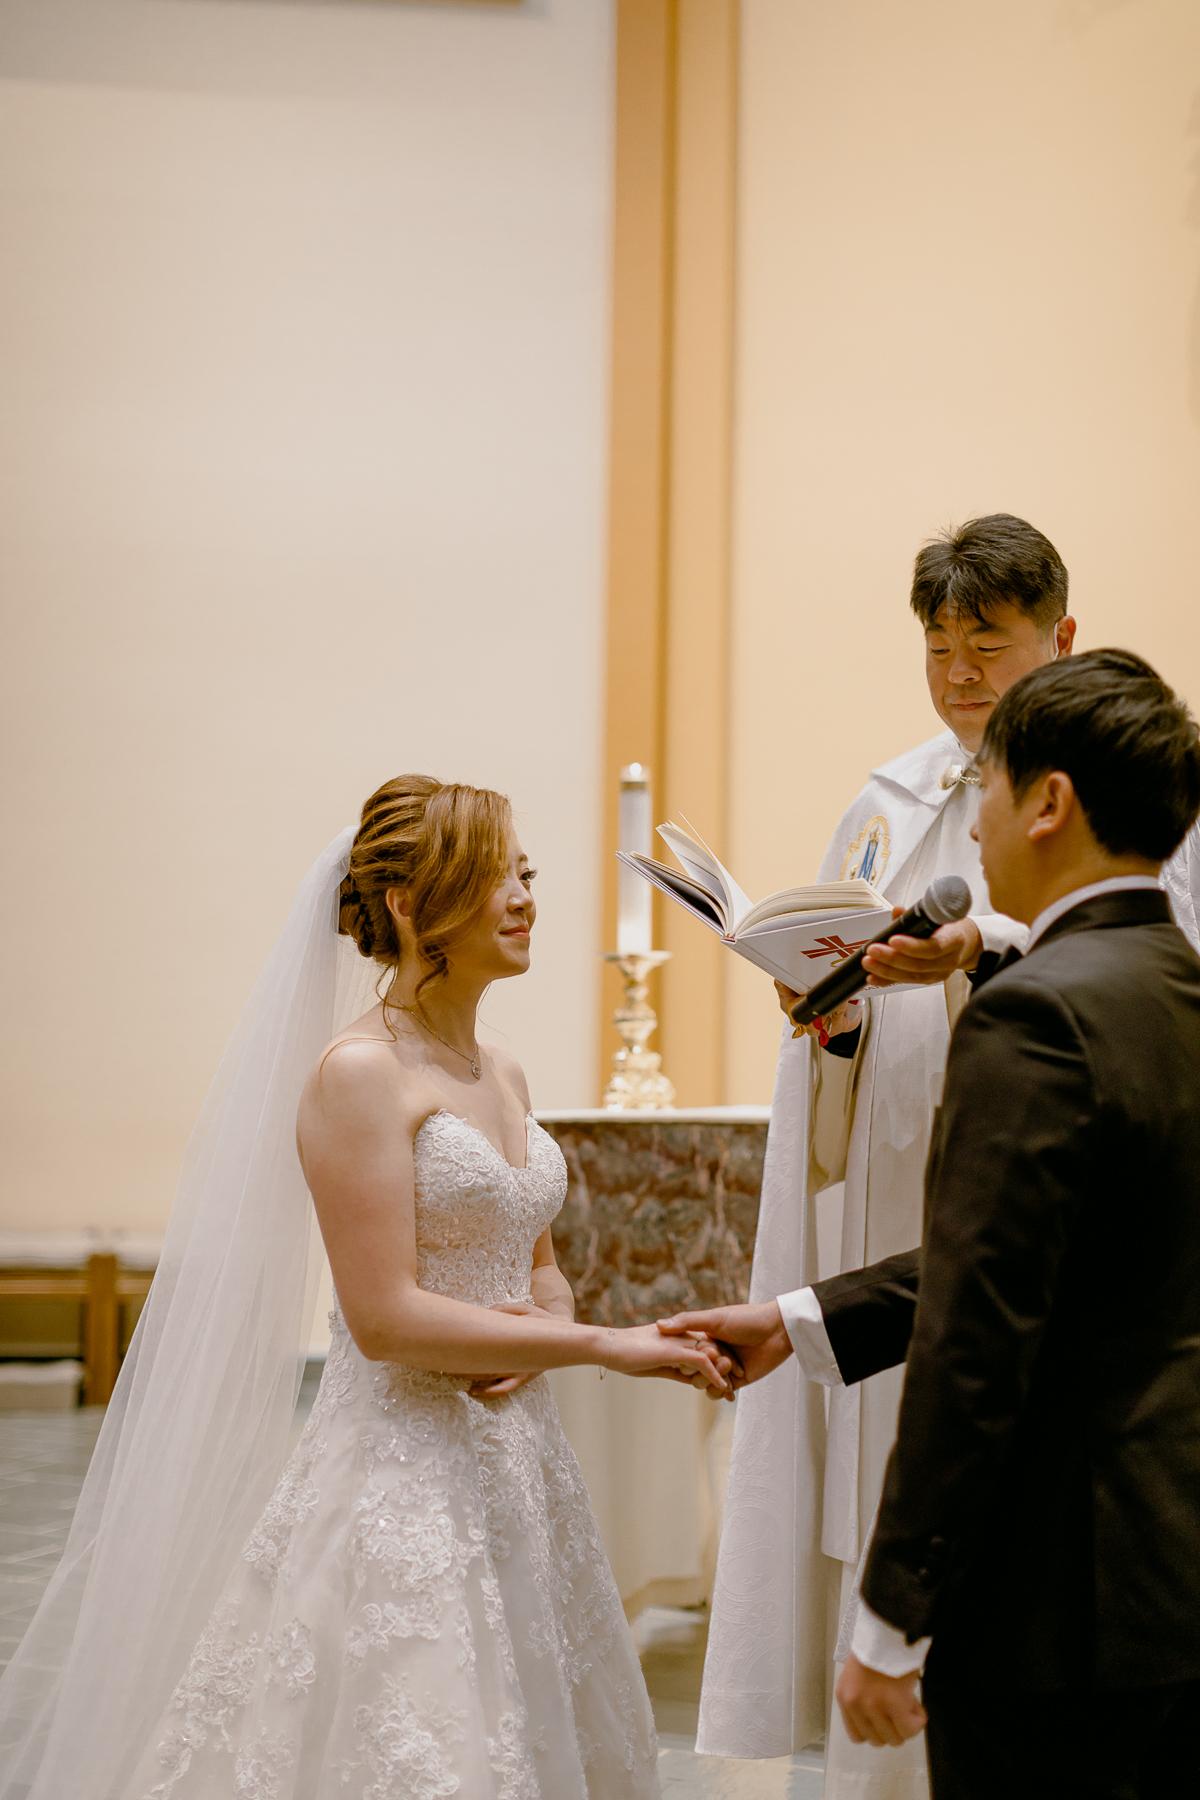 markham-wedding-photography-markham-museum-wedding 0044.jpg